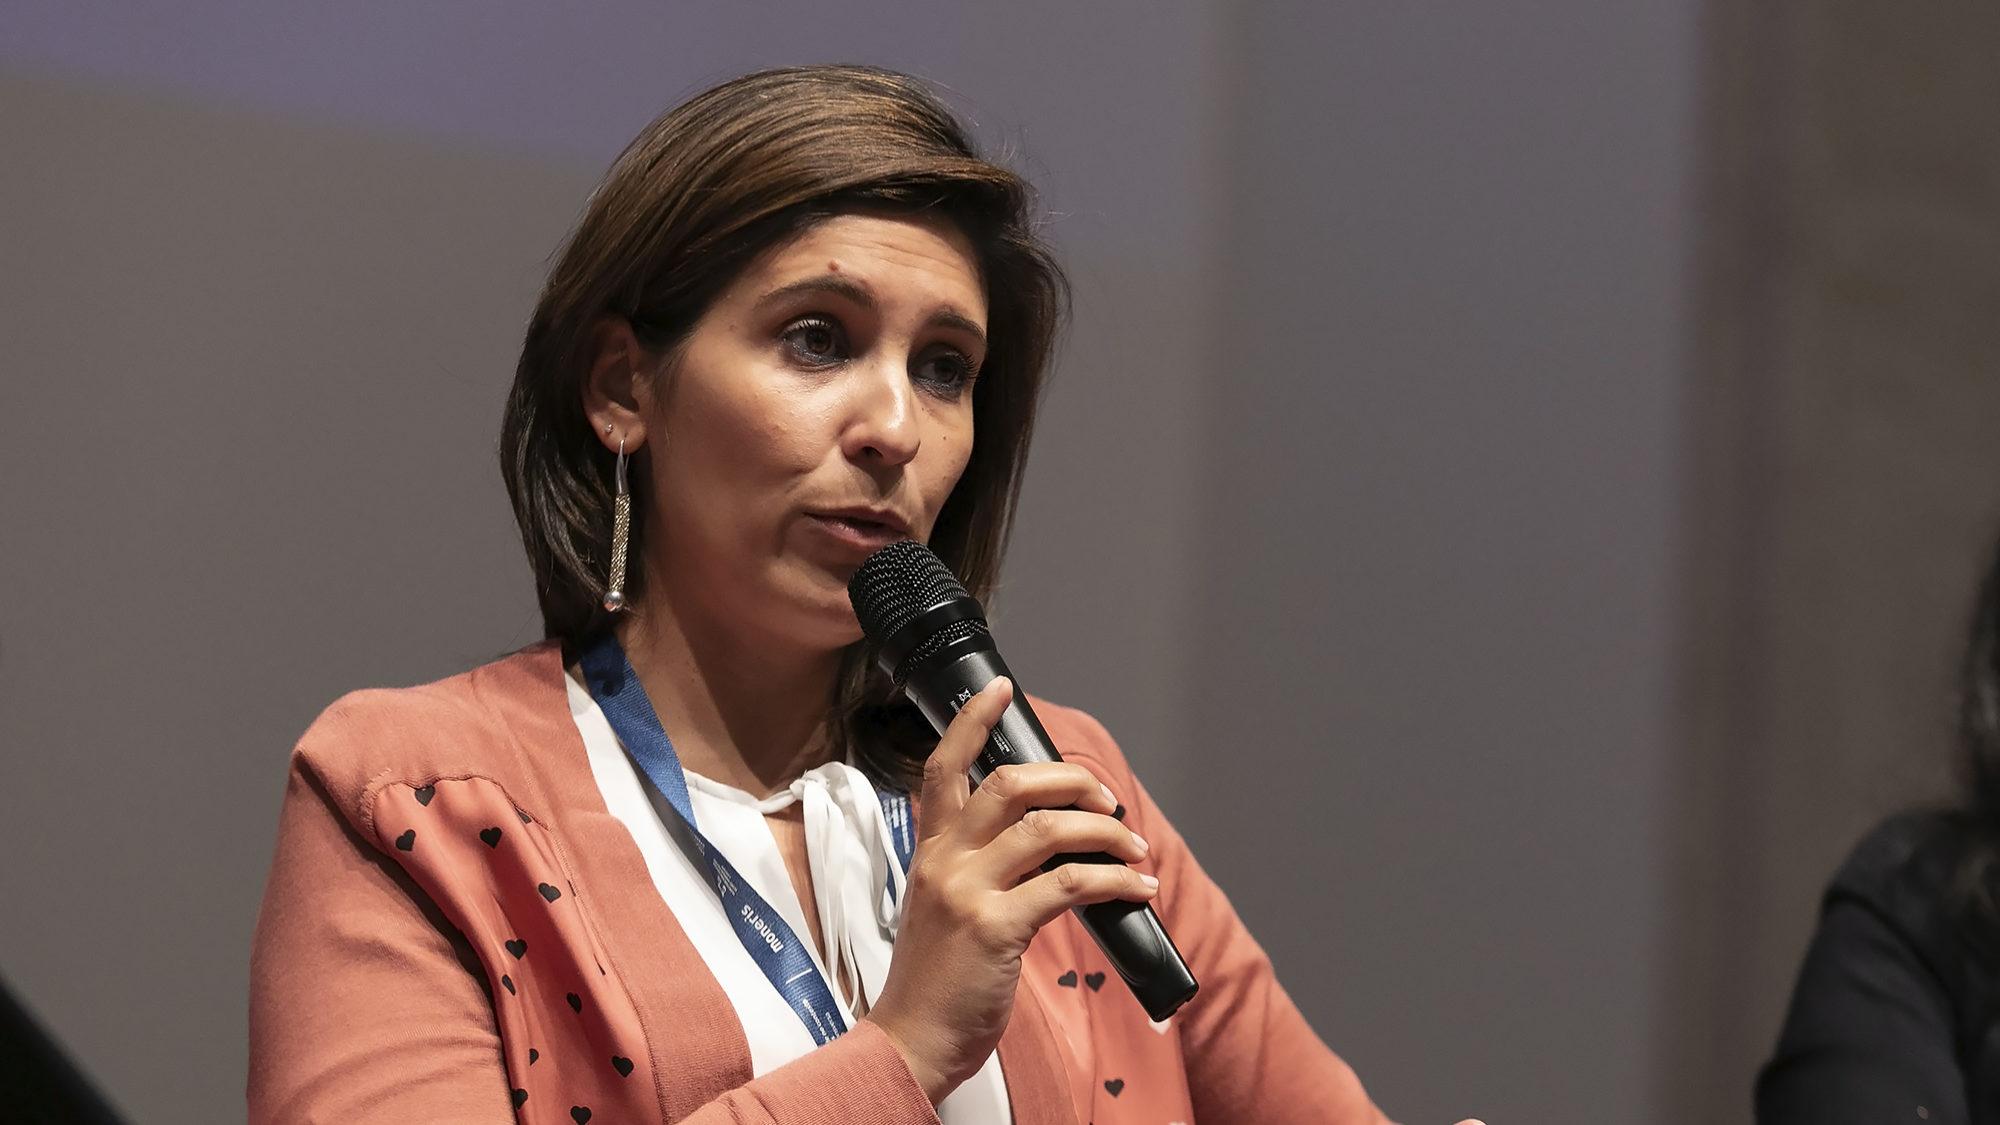 Conferência Moneris - A privacidade no contexto dos negócios - 06JUN19